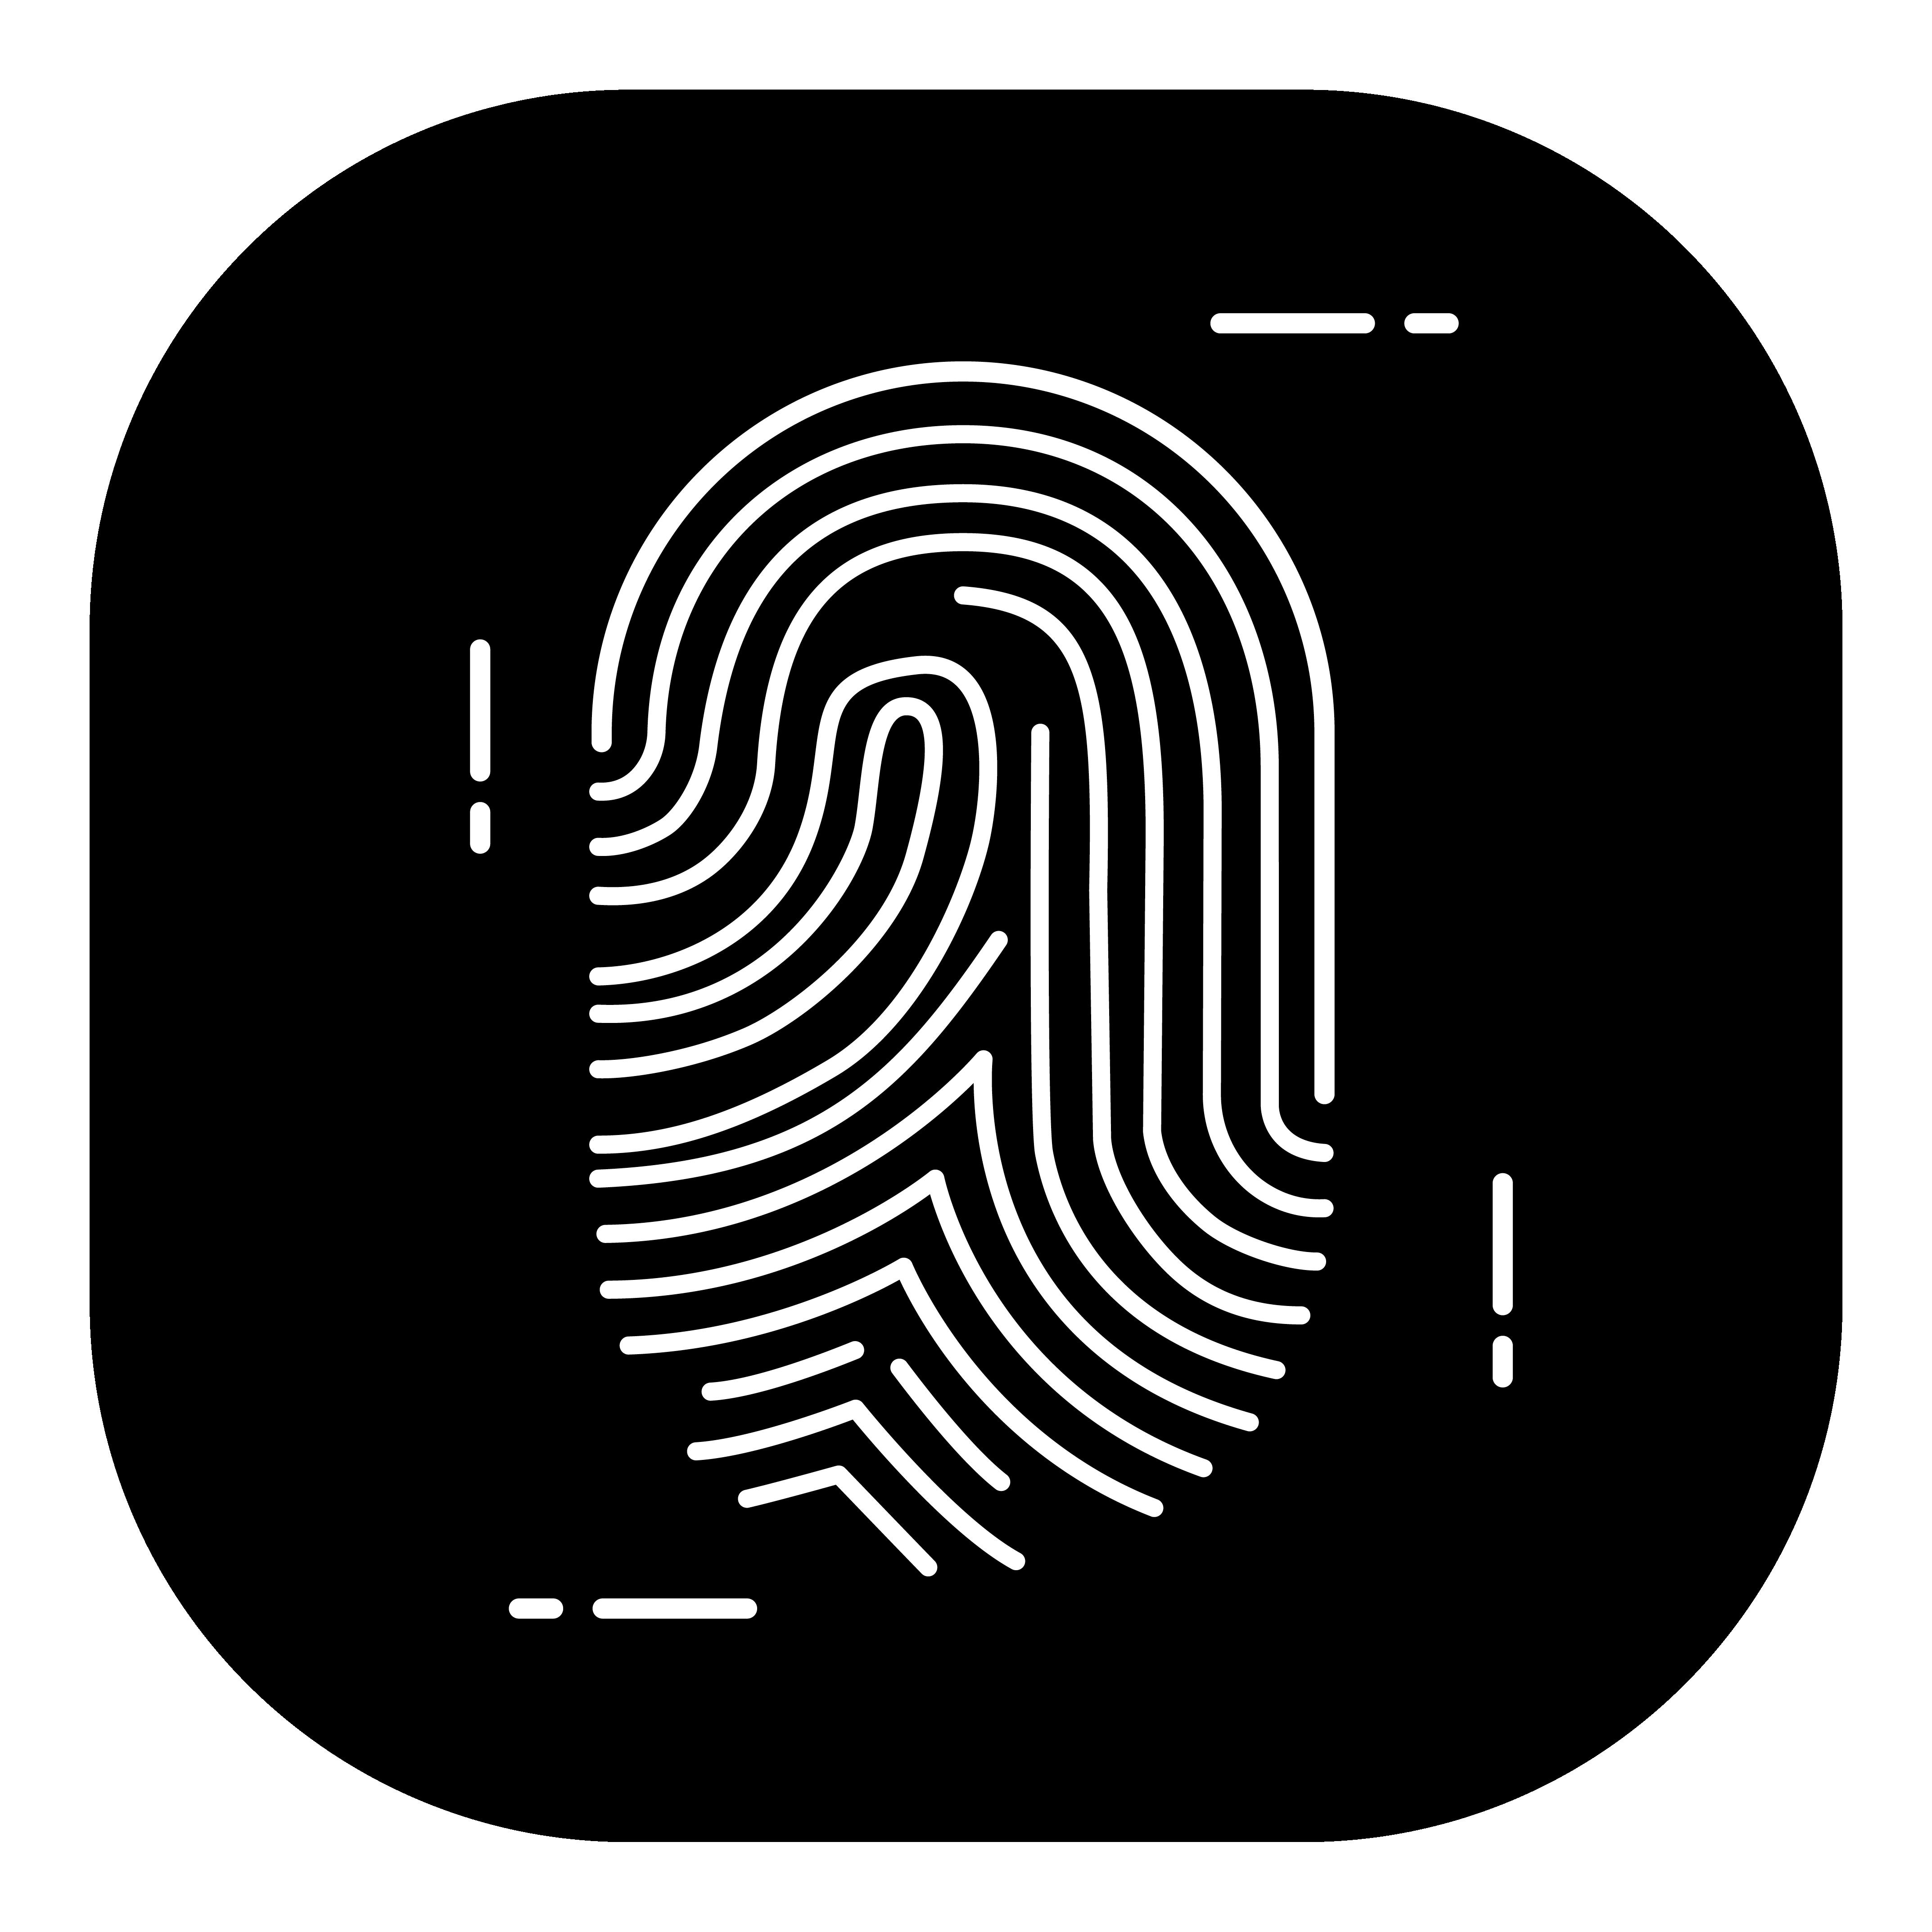 Fingerprint Clearance Card Icon